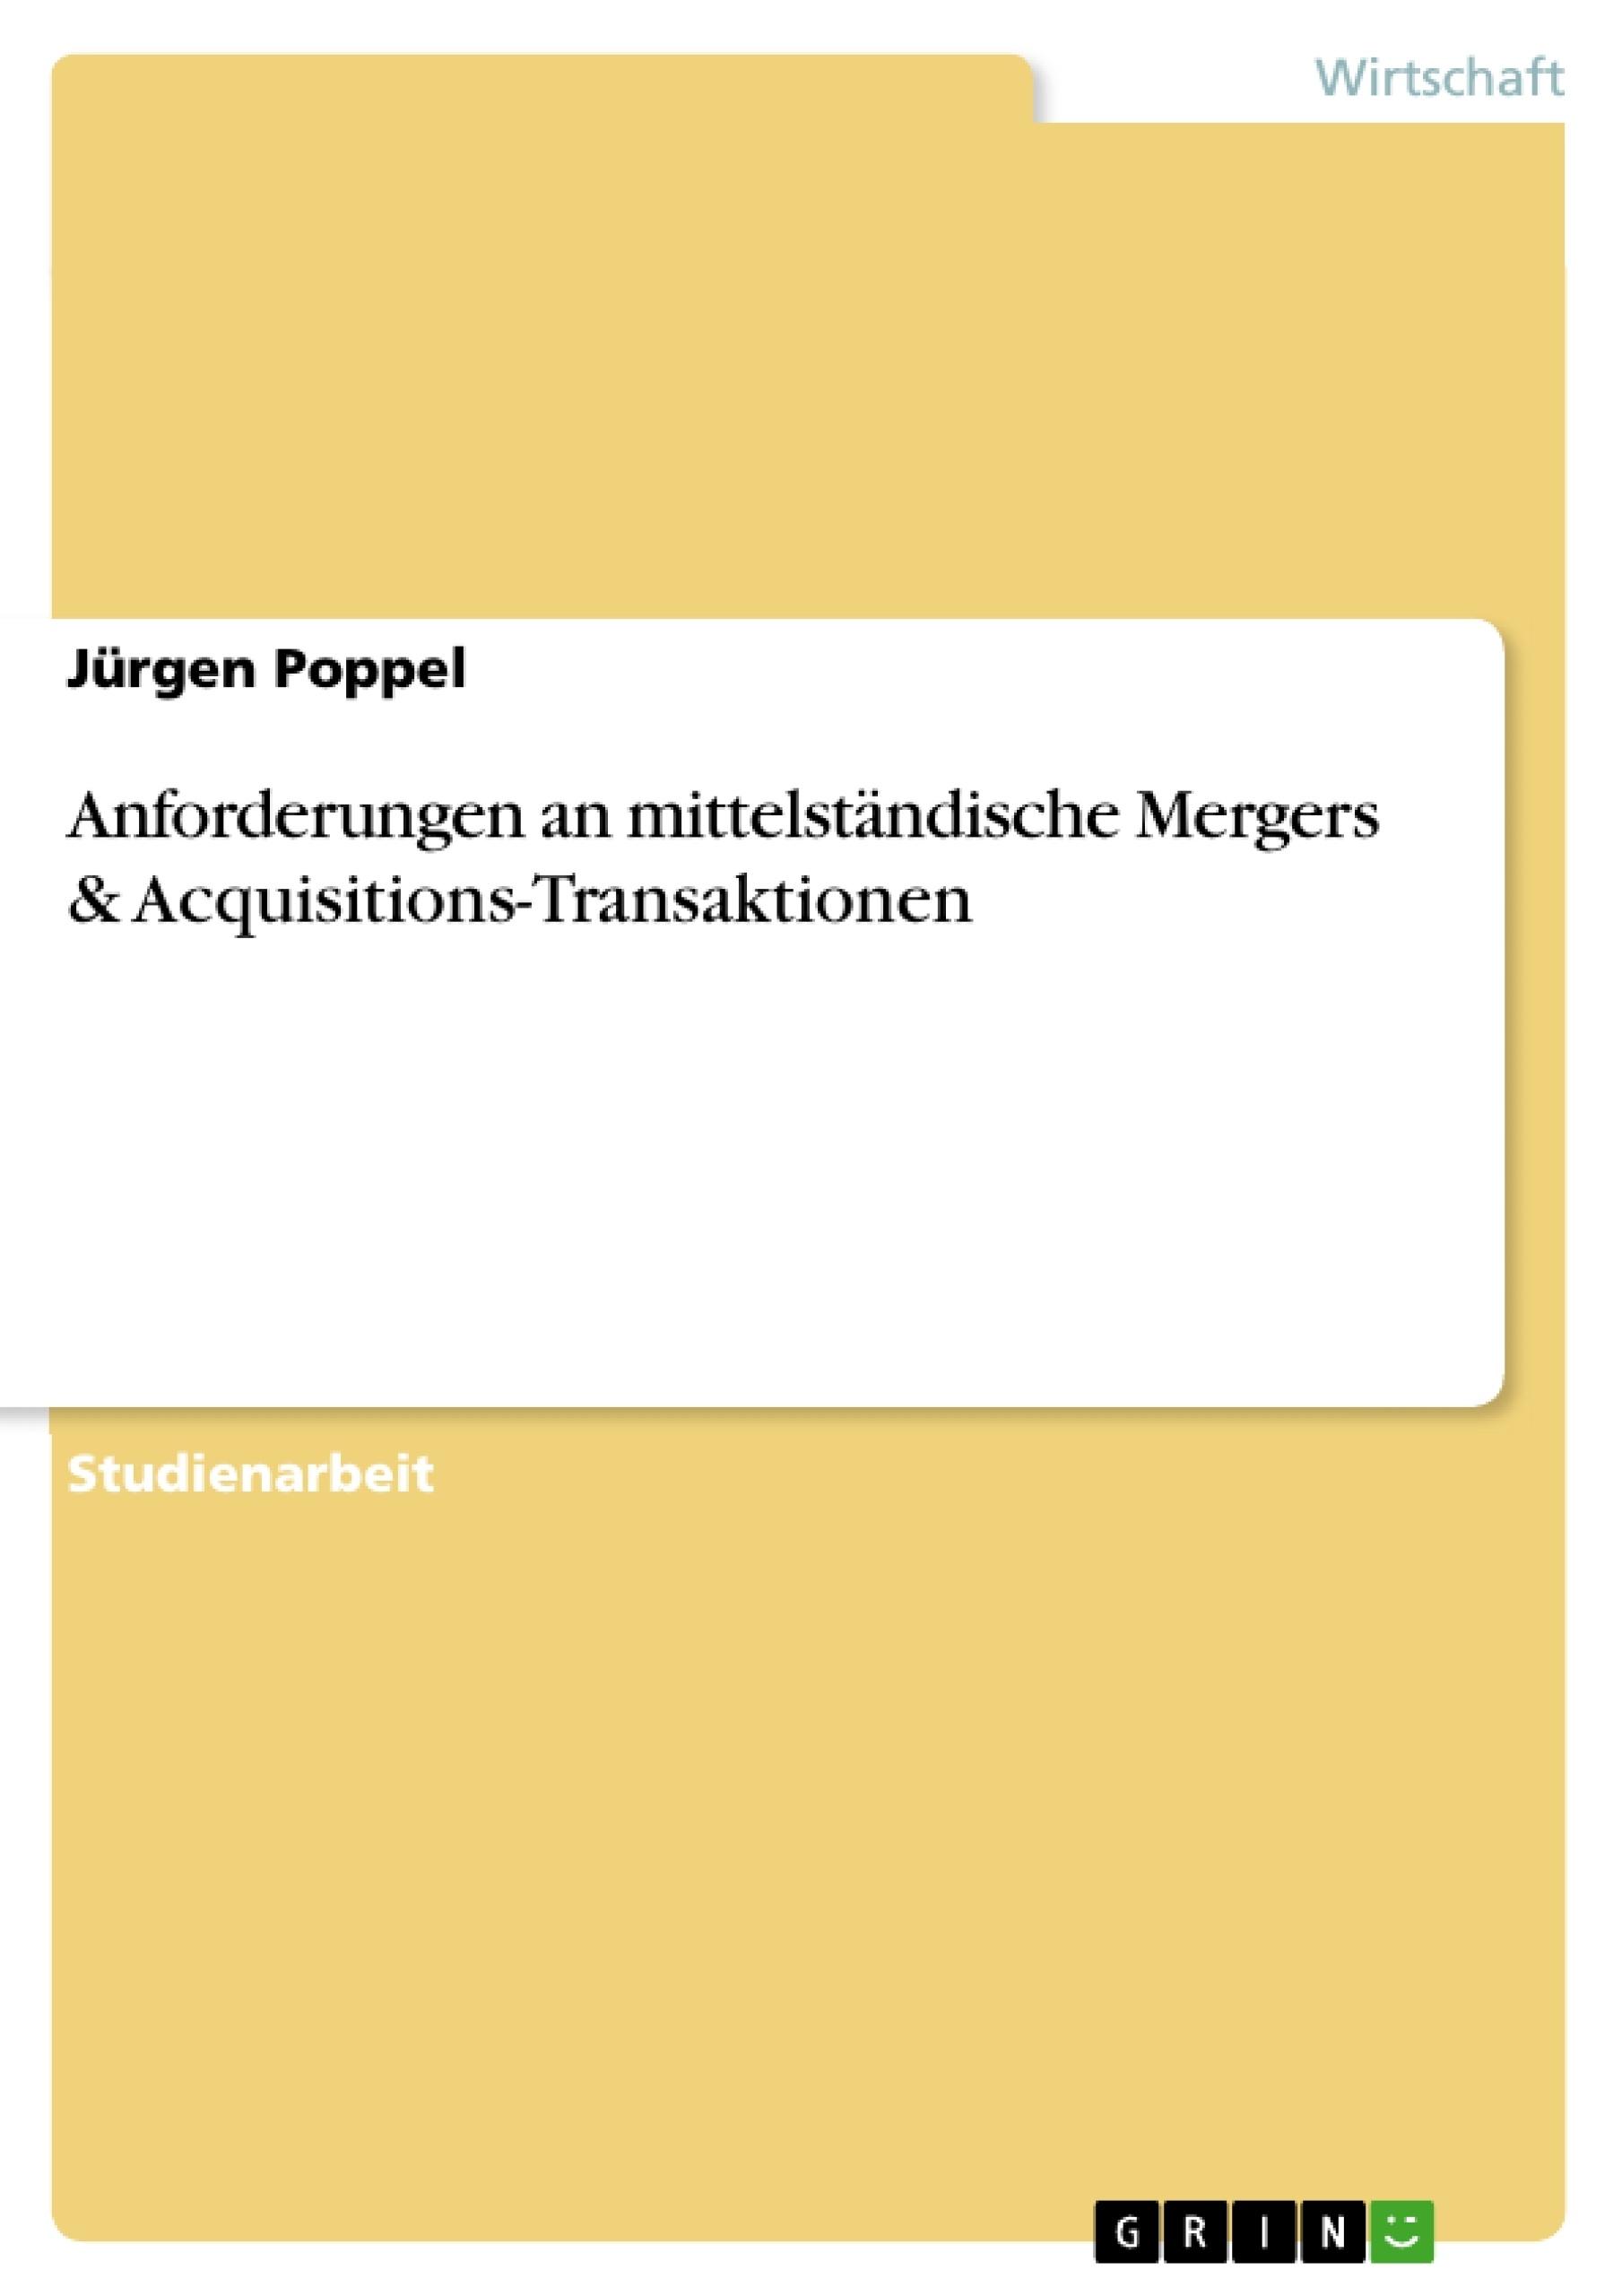 Titel: Anforderungen an mittelständische Mergers & Acquisitions-Transaktionen